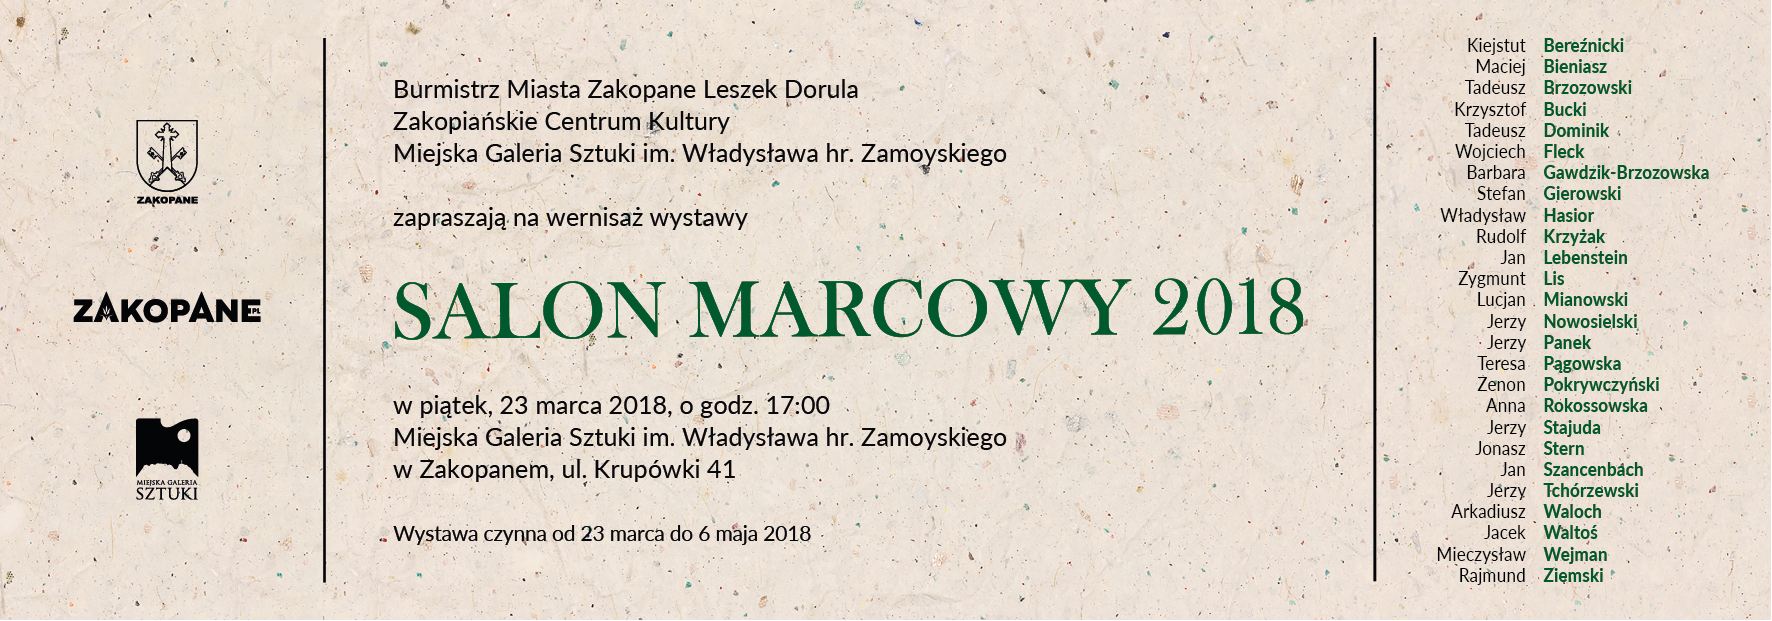 Salon Marcowy 2018 (źródło: materiały prasowe organizatora)